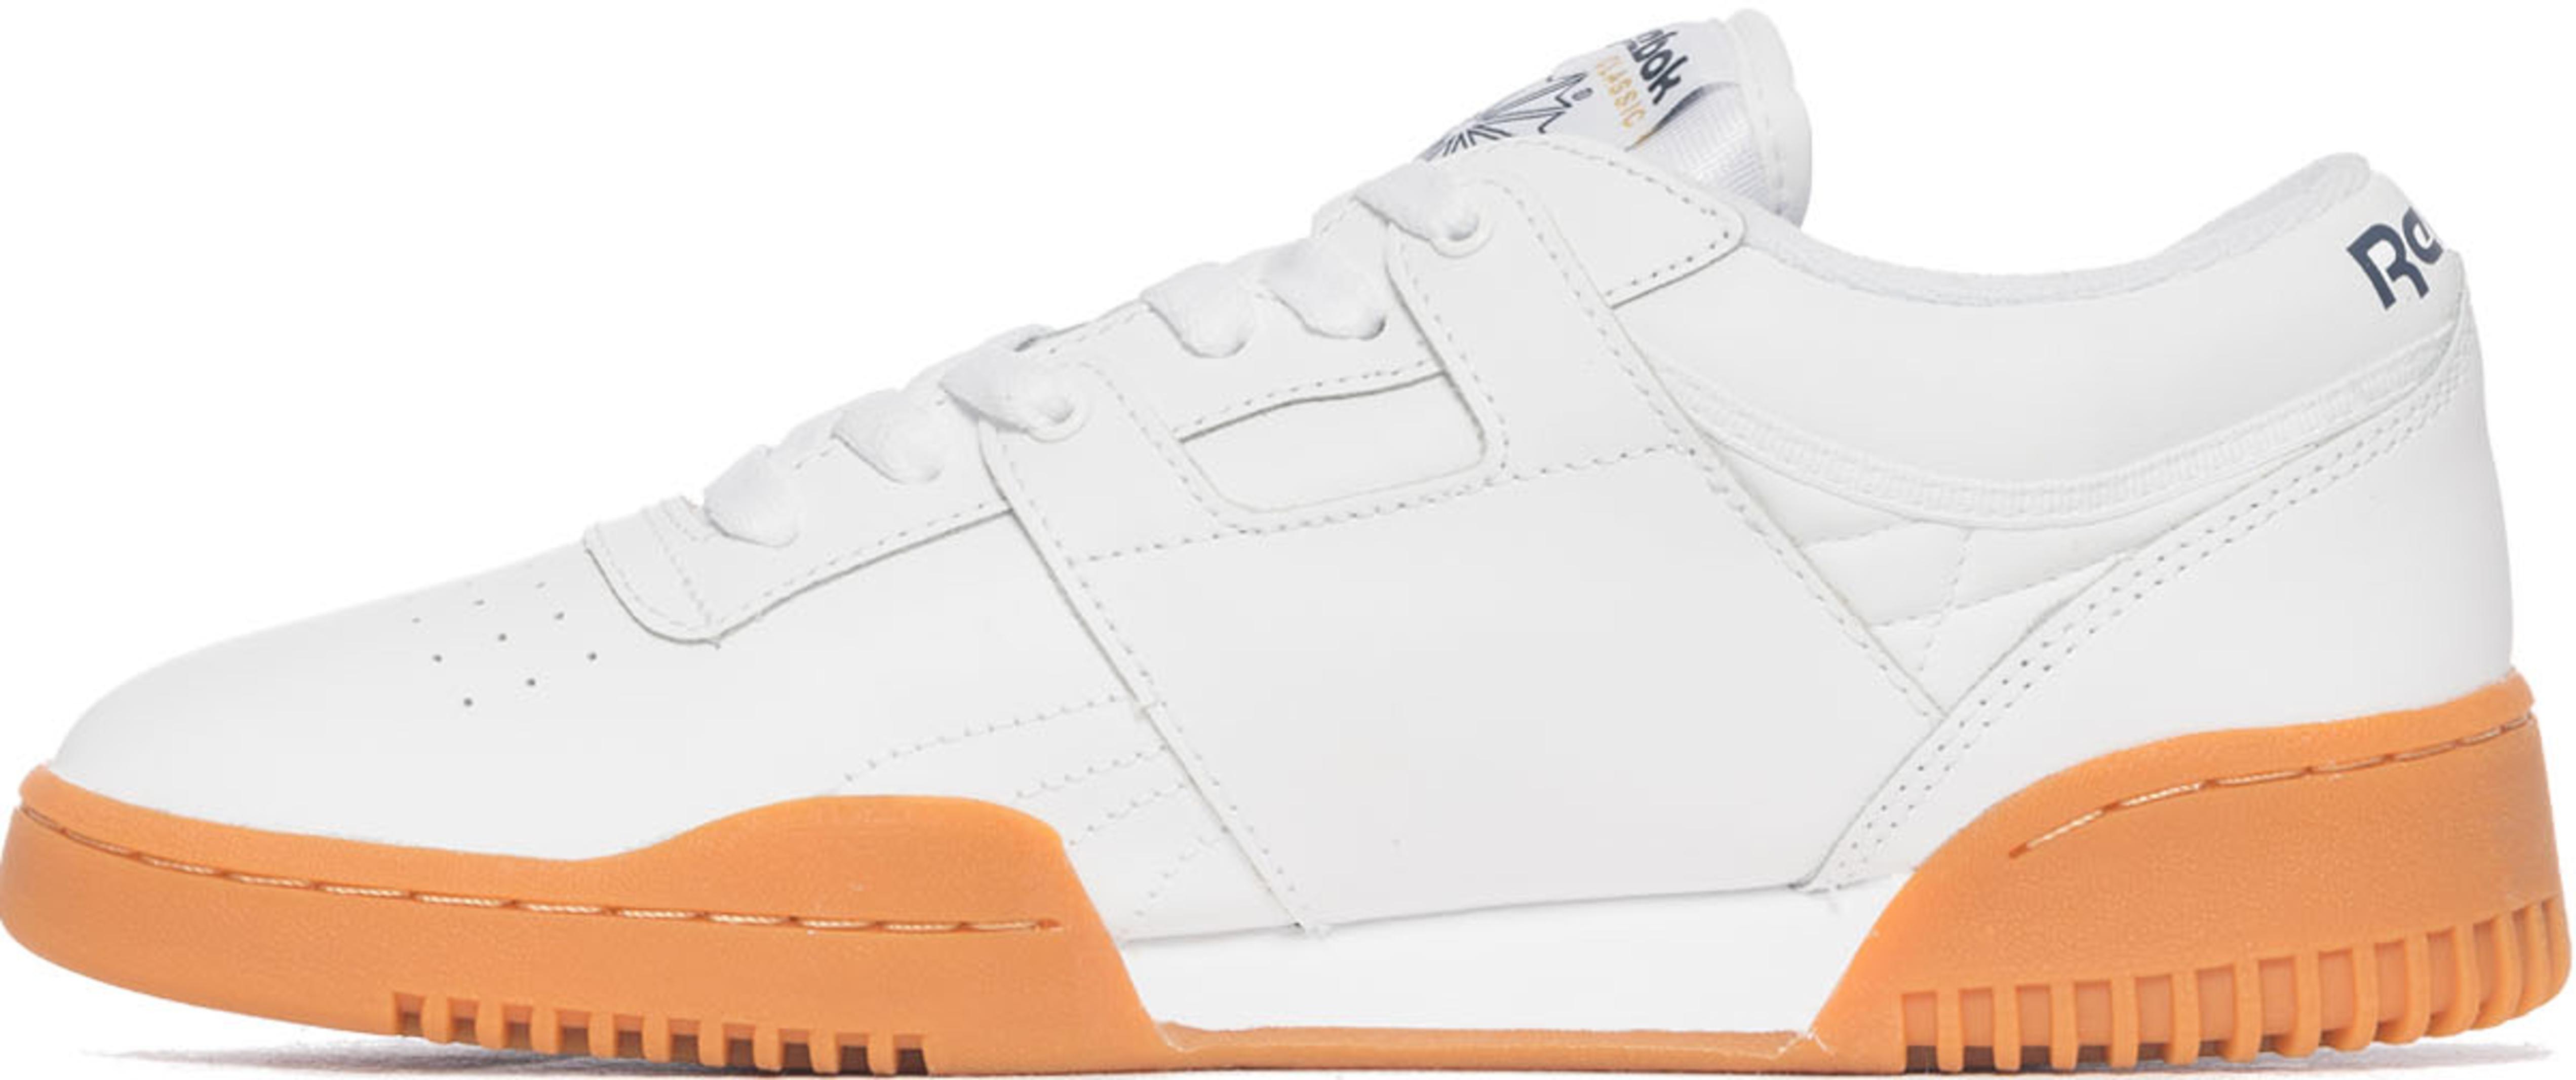 f03cbd727fe Buy reebok workout low white gum